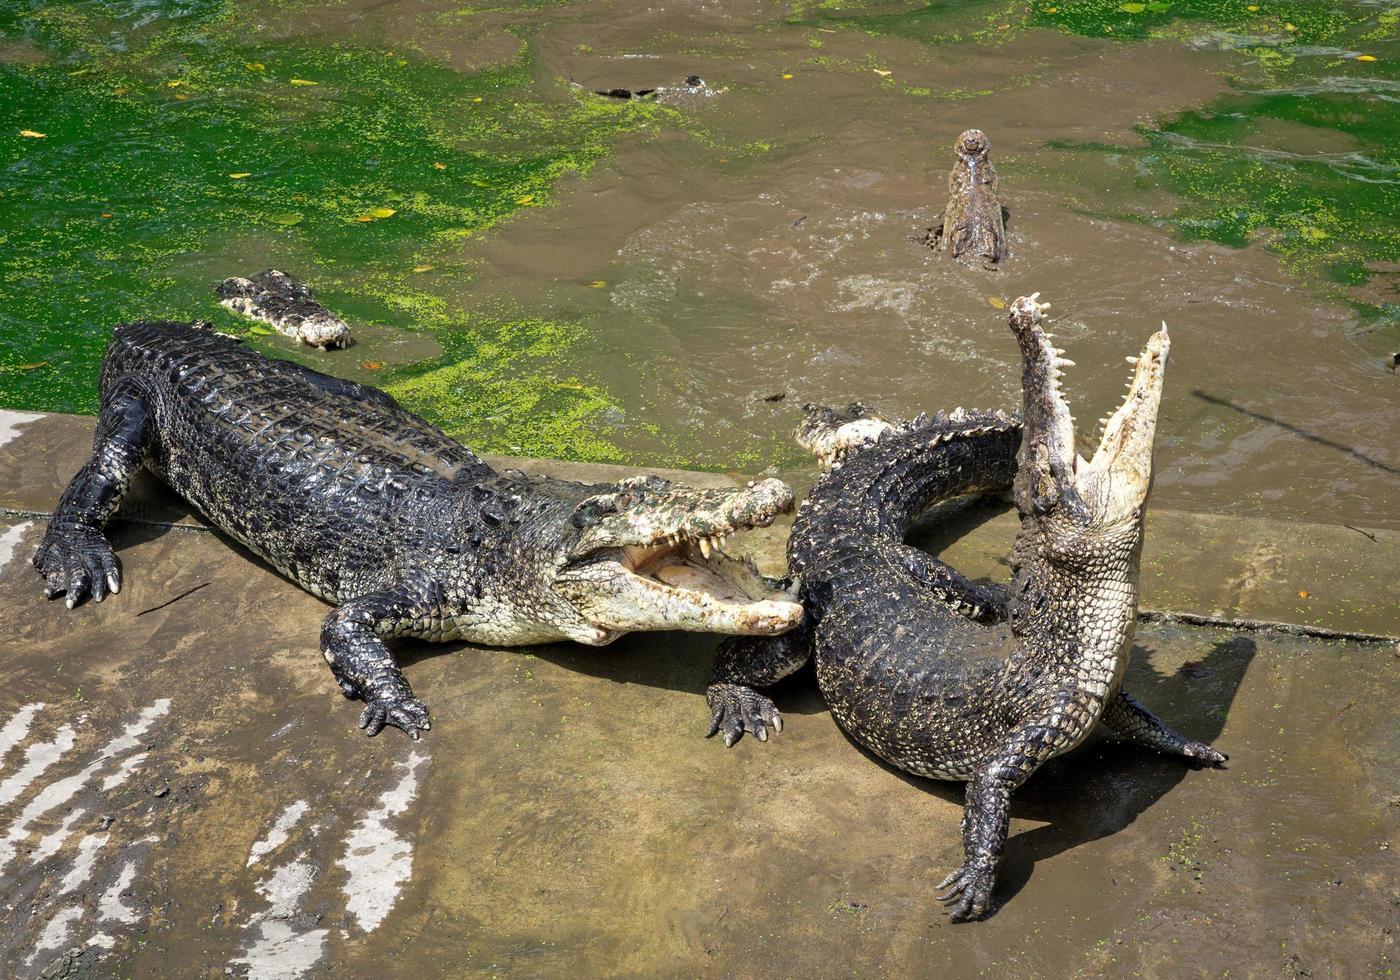 krokodilaktion på gården. foto